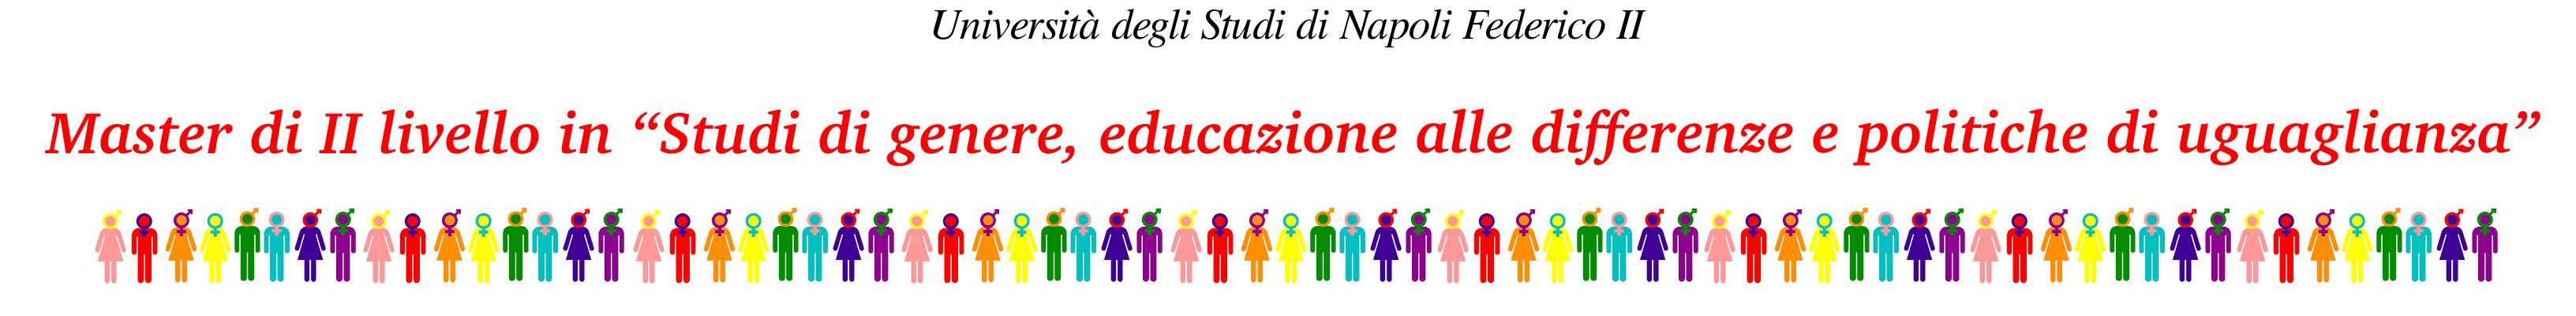 """Master di II livello in """"Studi di genere, educazione alle differenze e politiche di uguaglianza"""""""